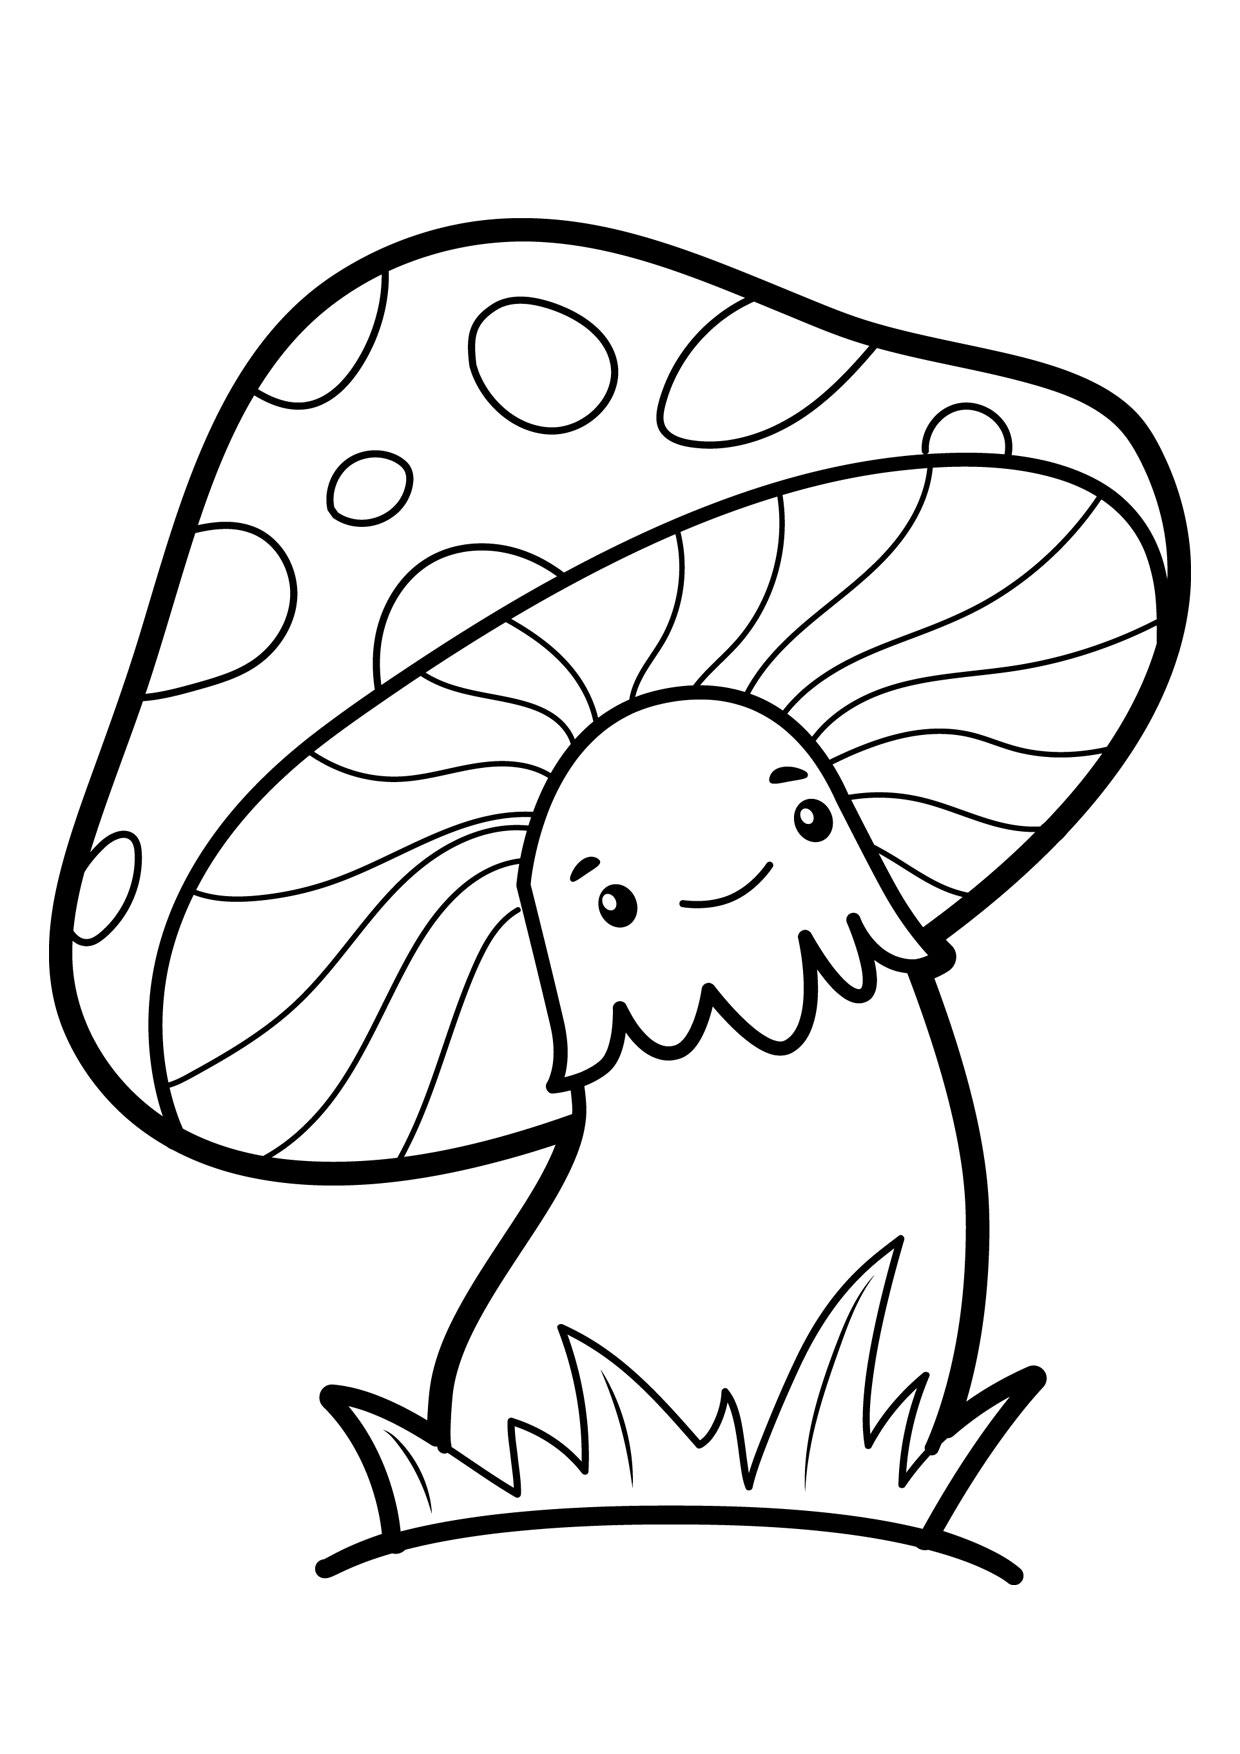 Disegno di funghi da colorare 01